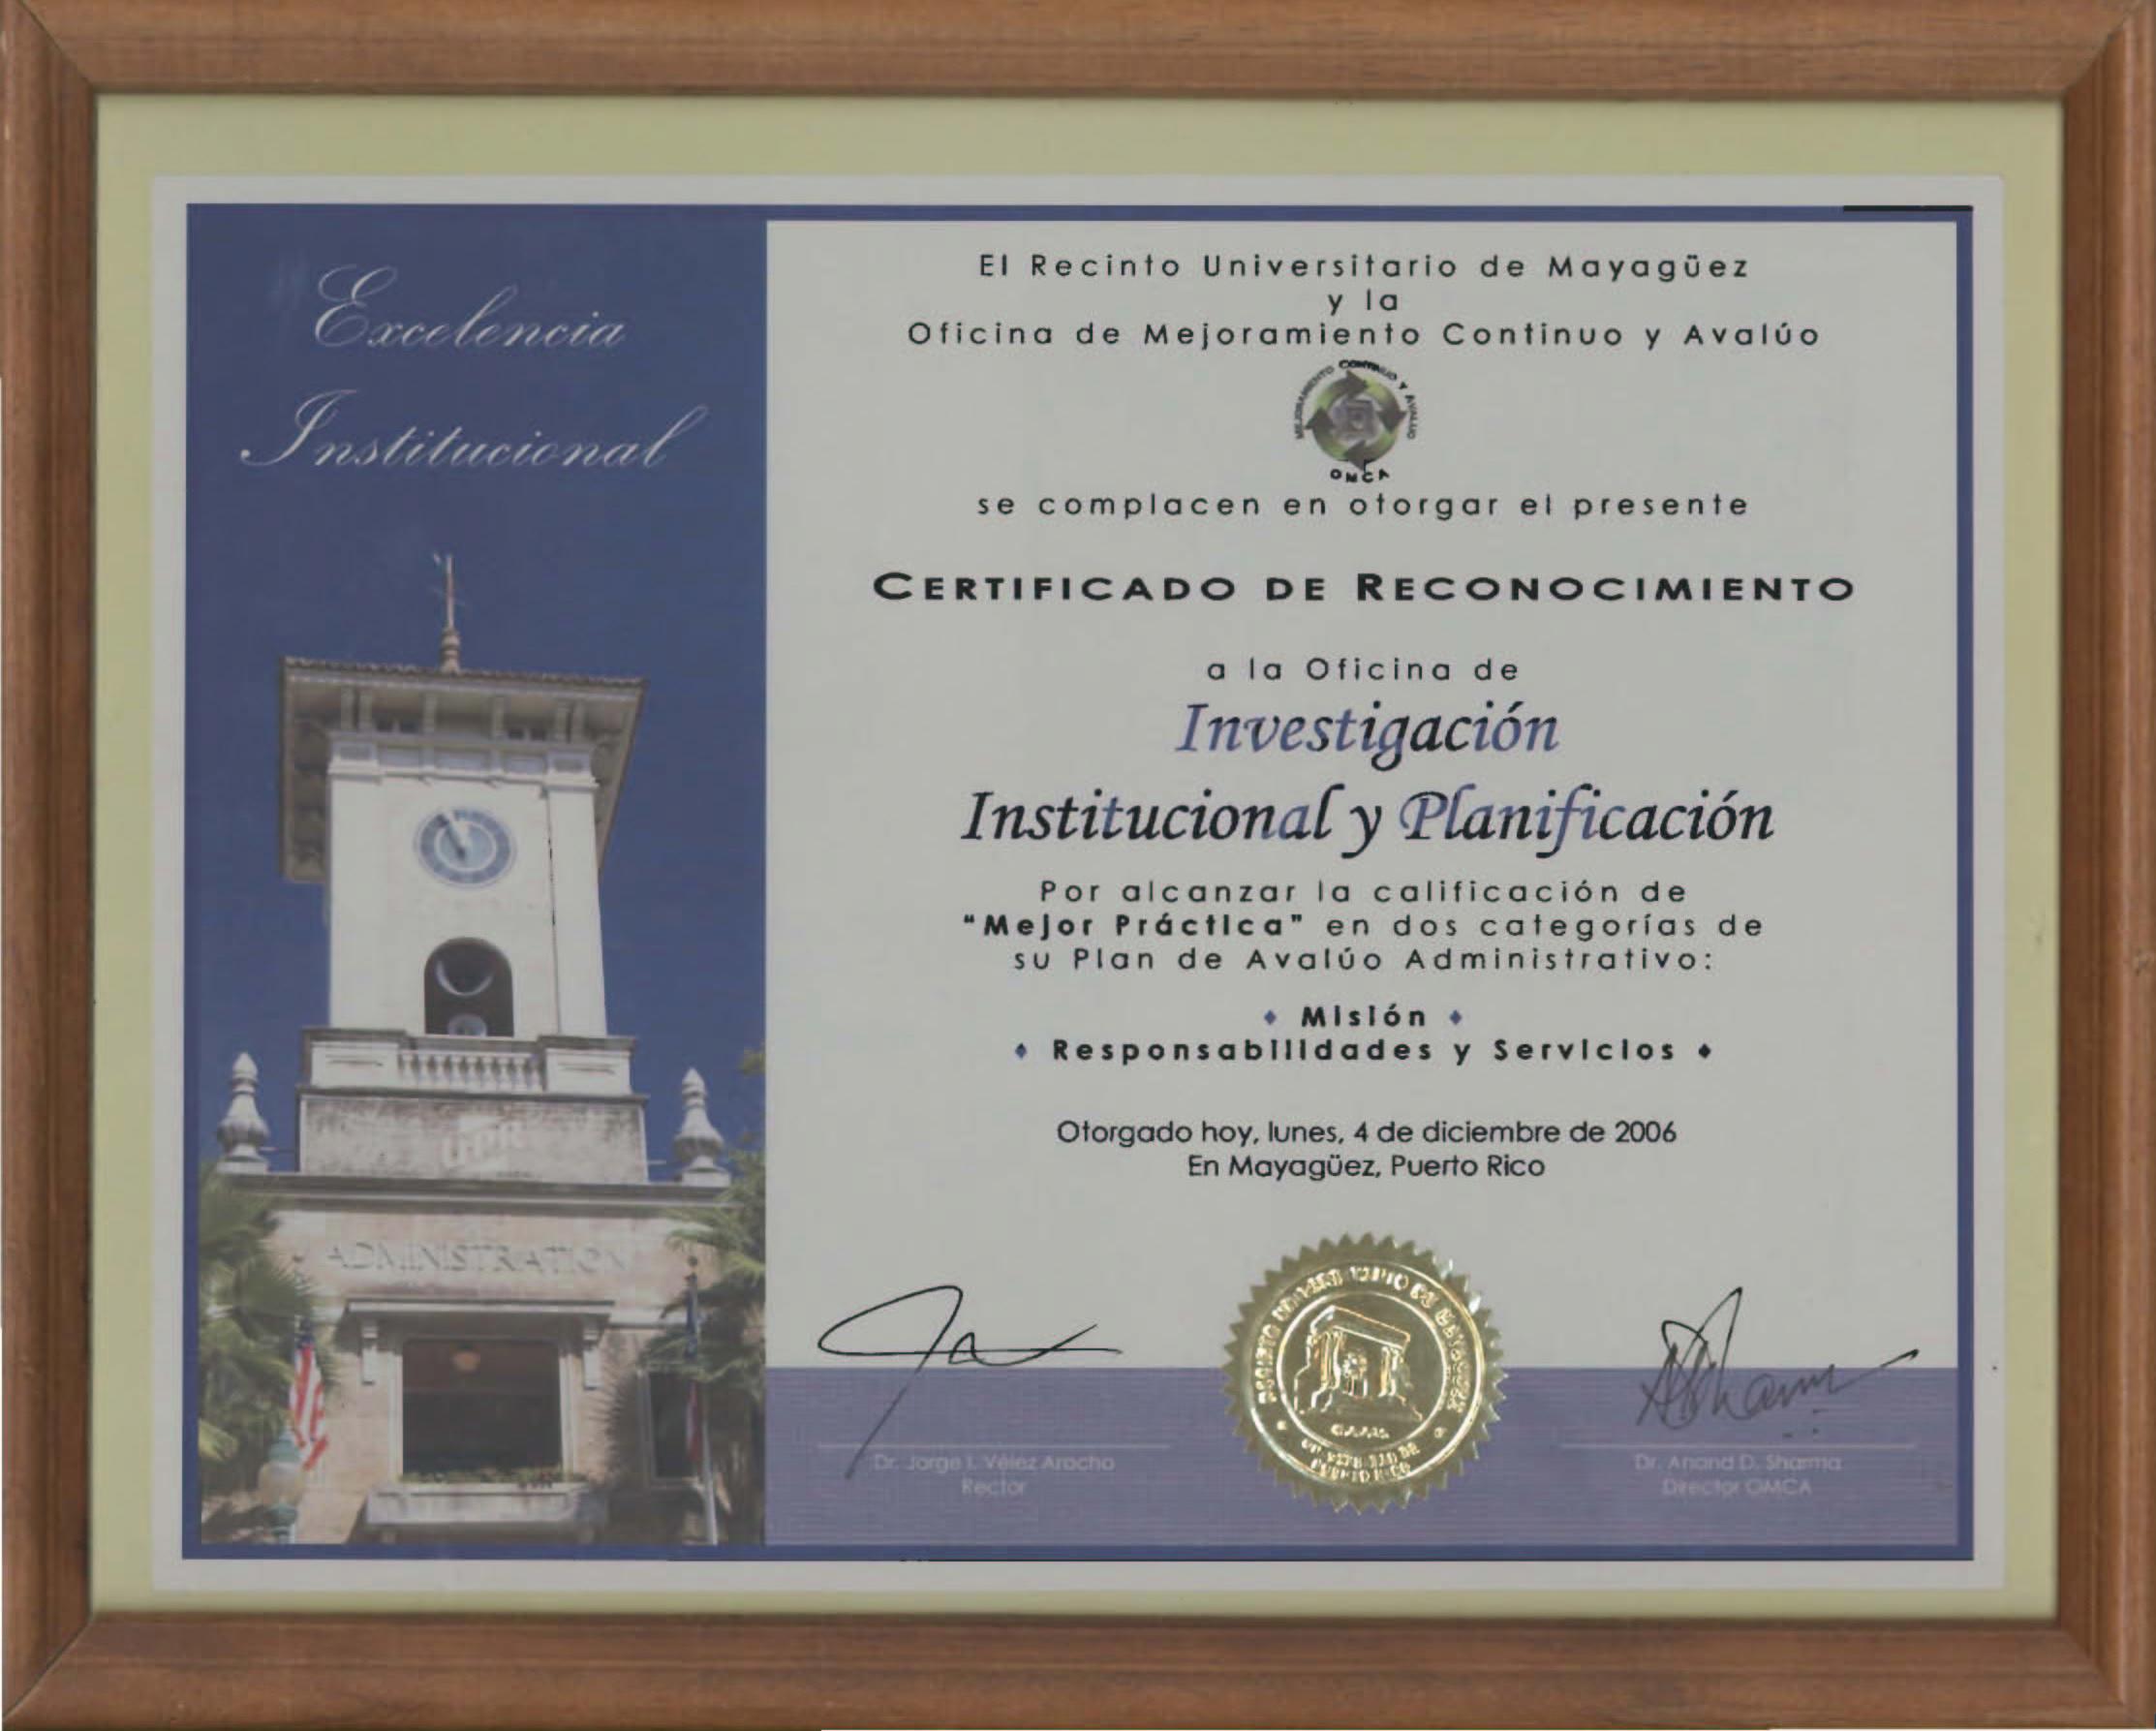 de reconocimiento a oiip certificado de agradecimiento de la